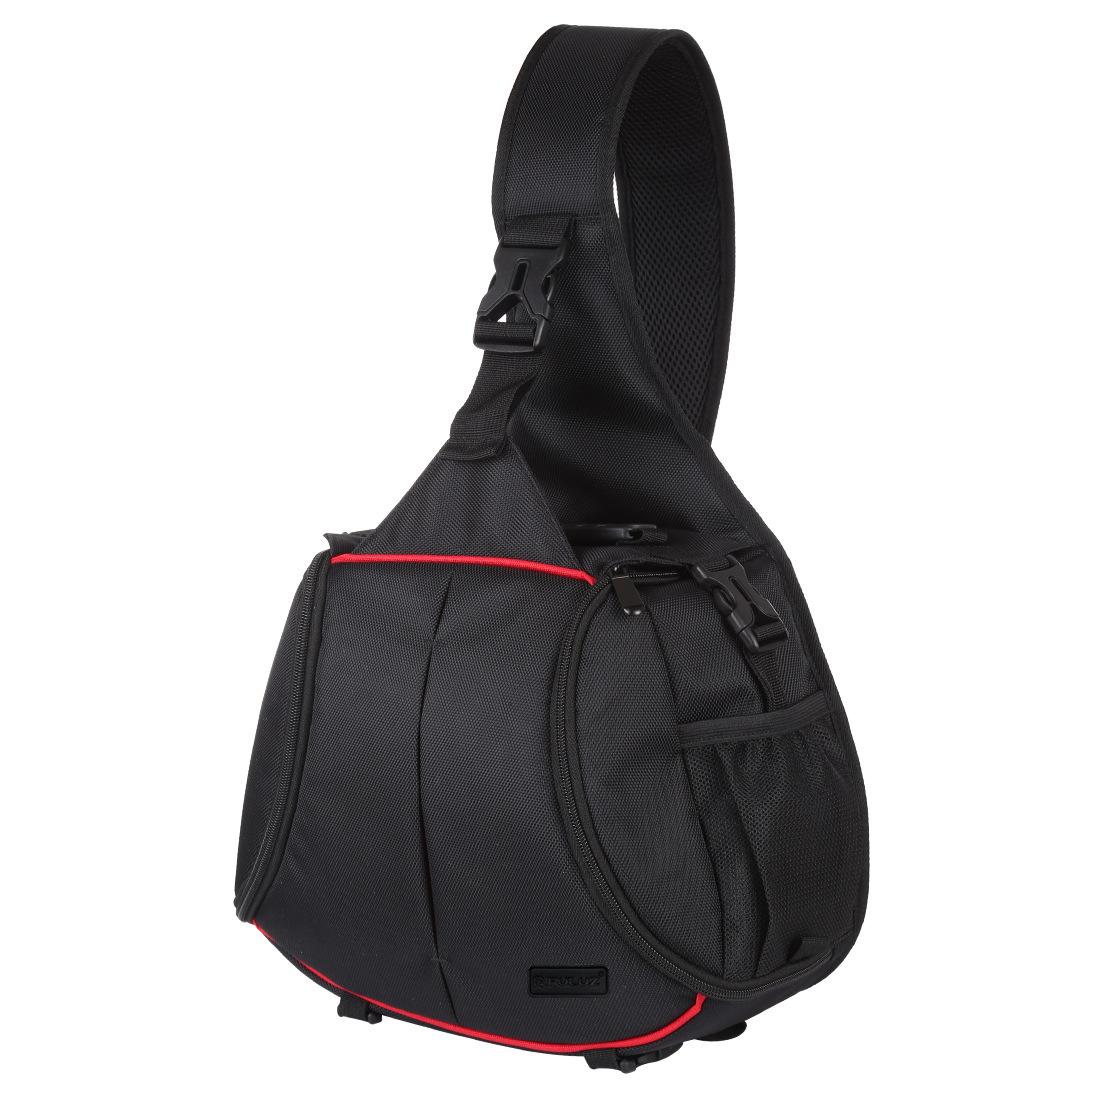 Camera Bag Protection Backpack Waterproof Shockproof for SLR DSLR Mirrorless Camera Lens Battery black